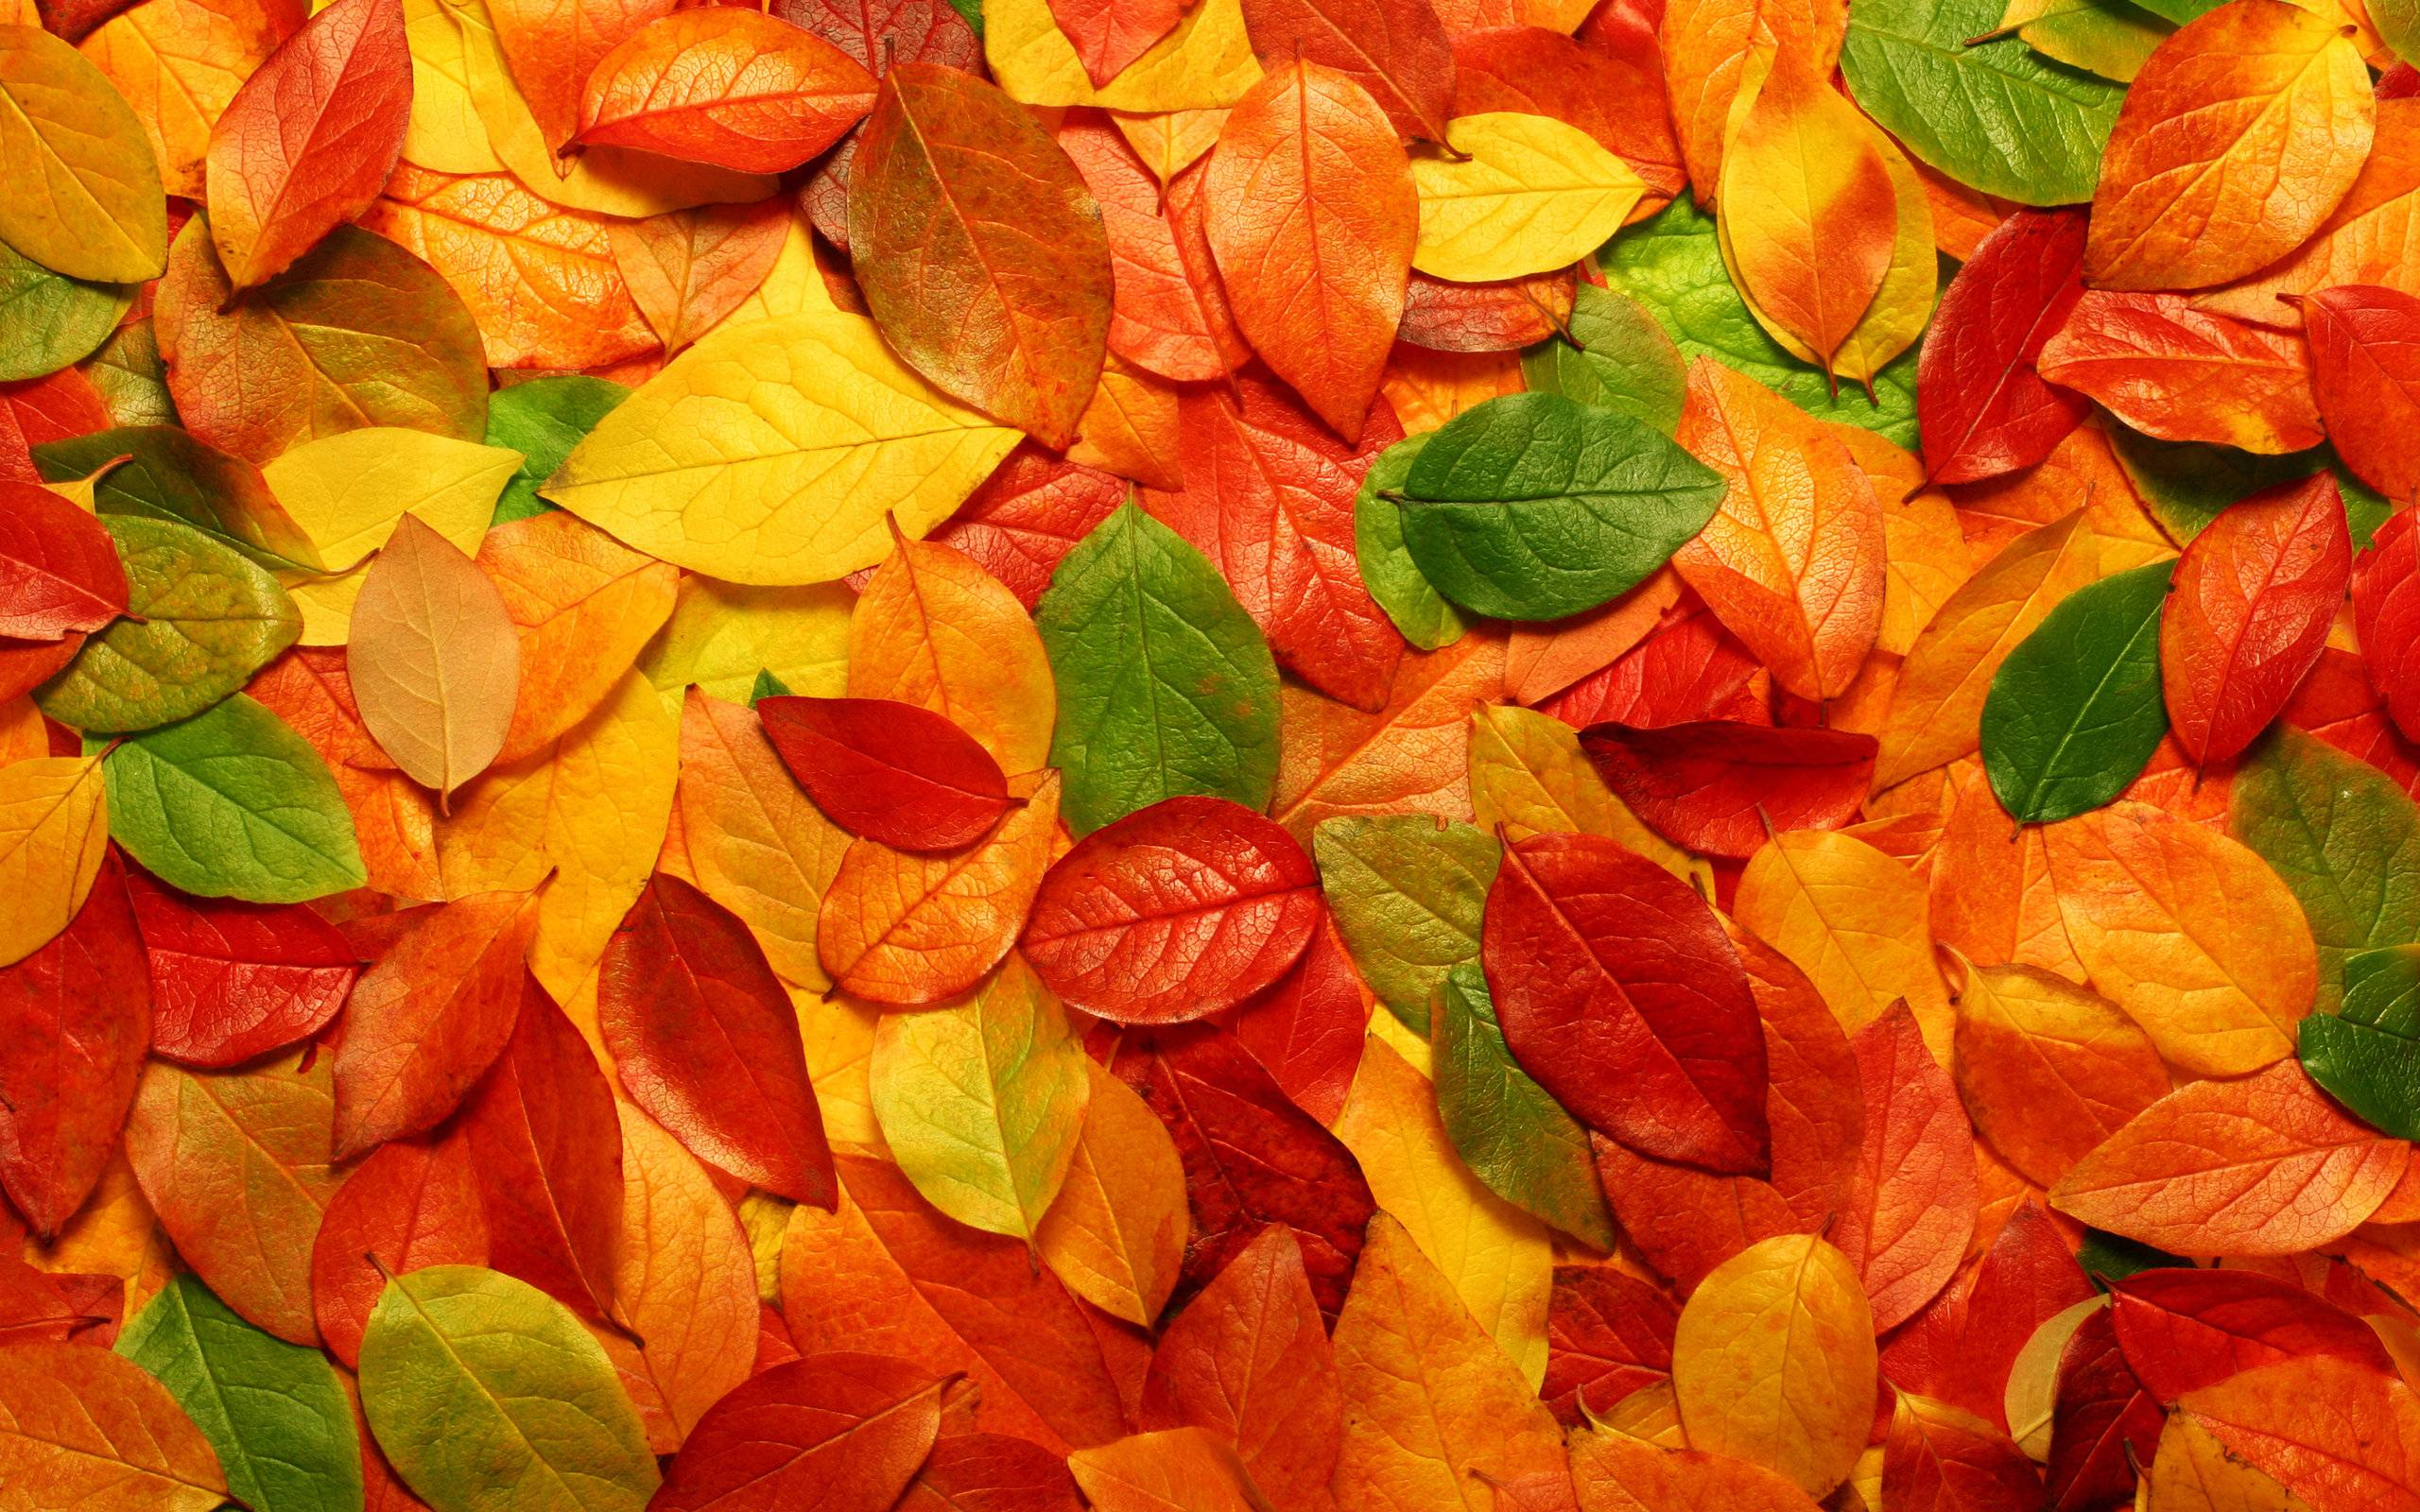 wallpapers for autumn leaves desktop wallpaper